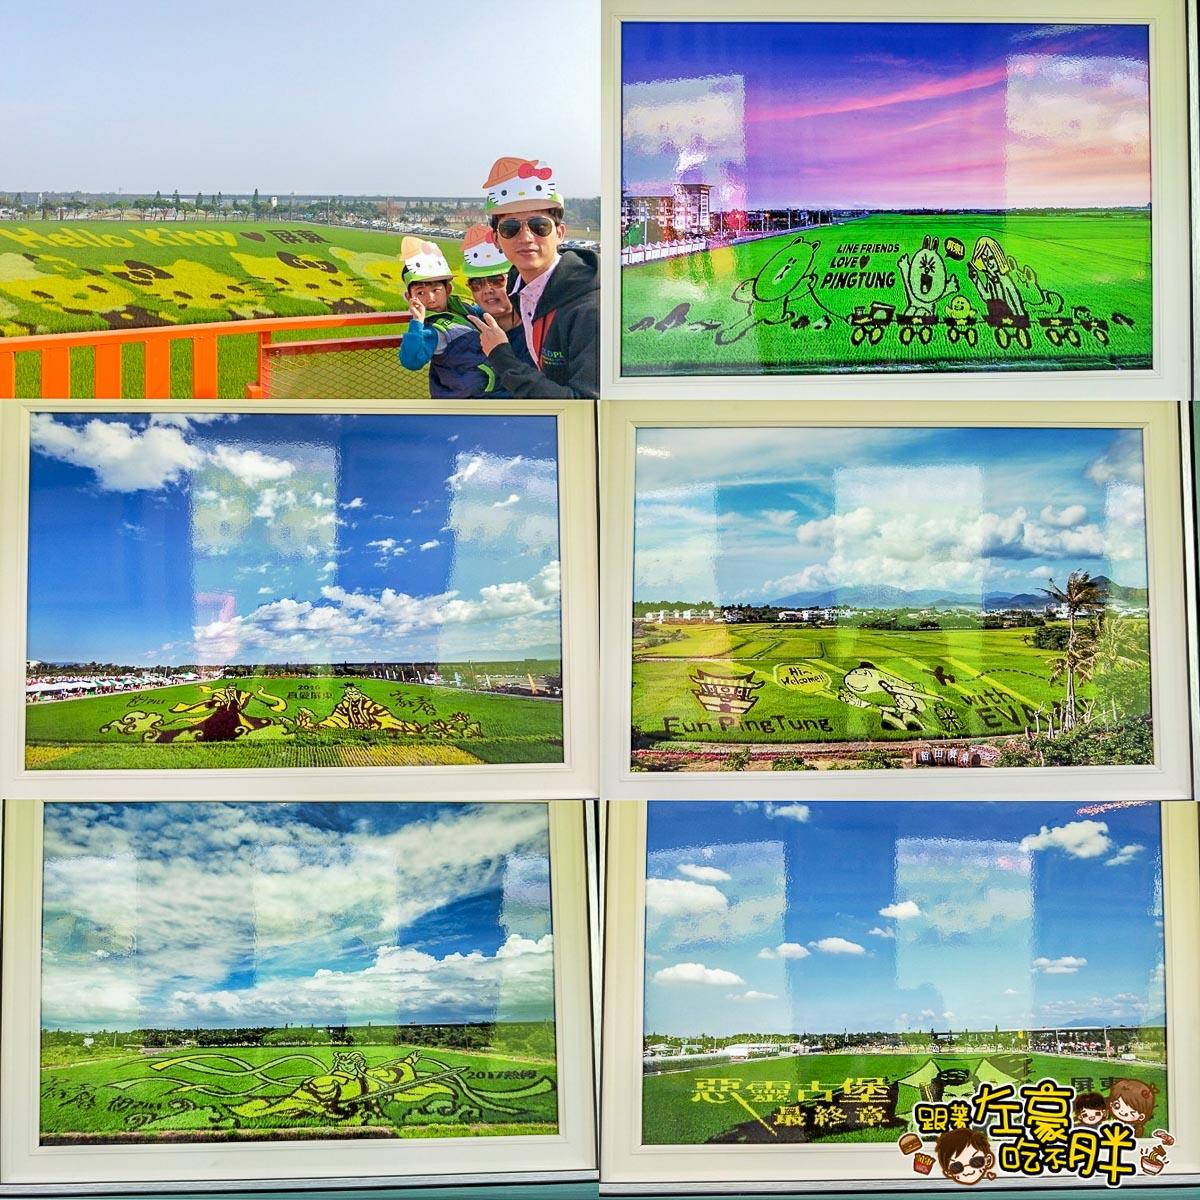 2018熱帶農業博覽會-59